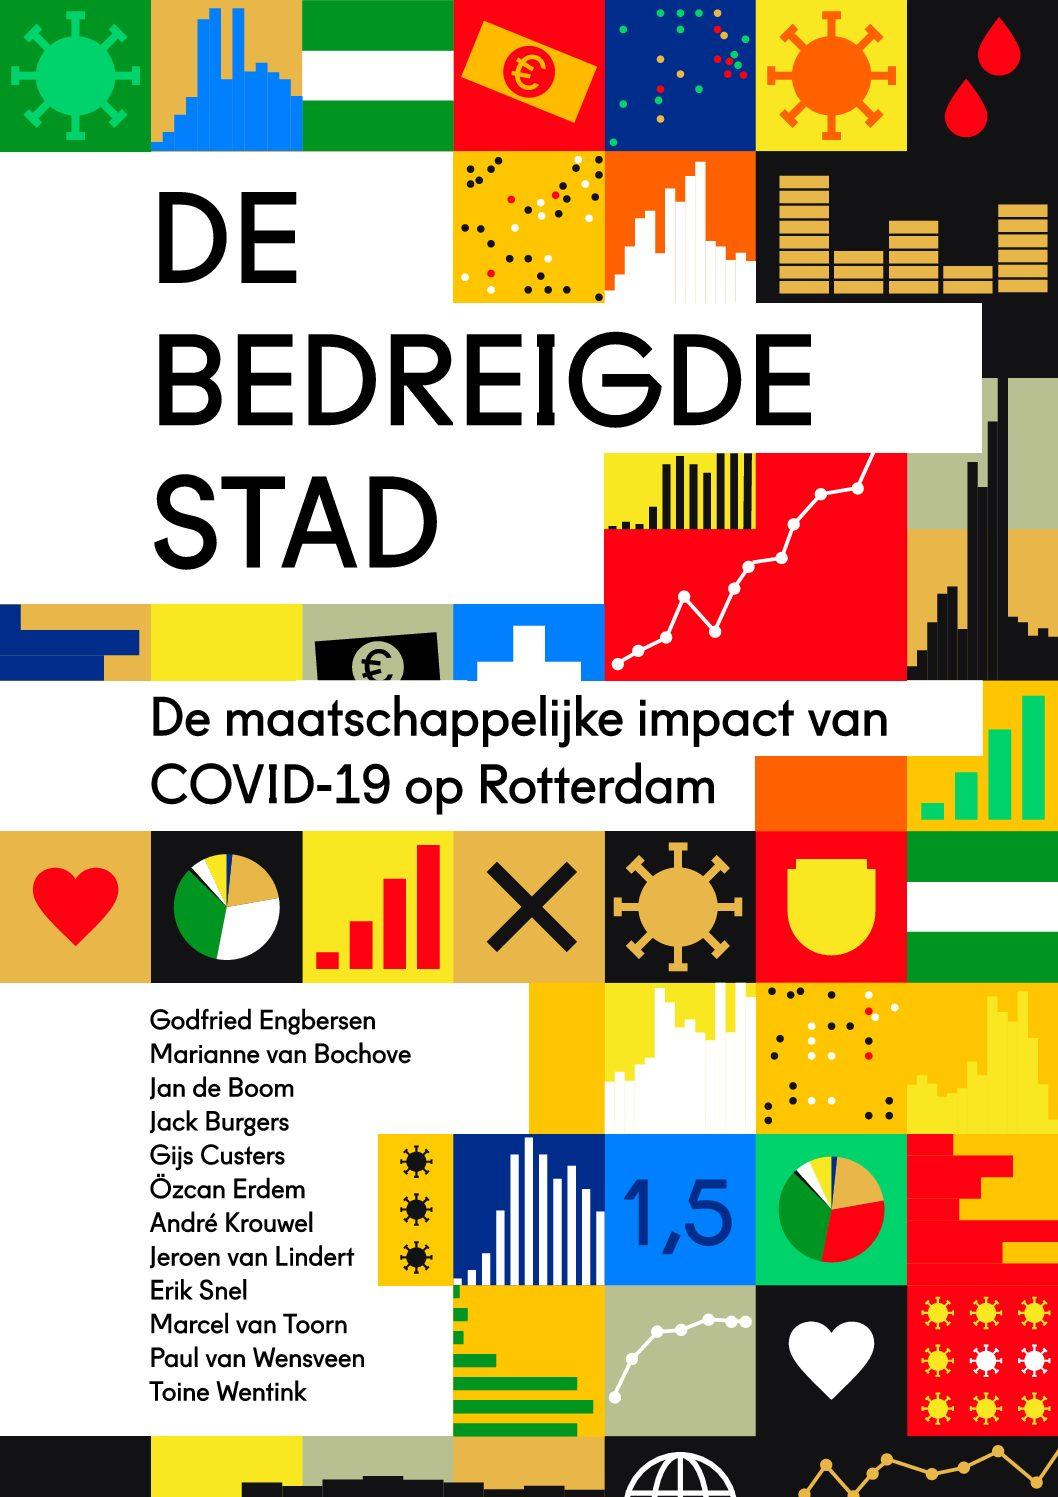 De Bedreigde Stad – De maatschappelijke impact van COVID-19 op Rotterdam